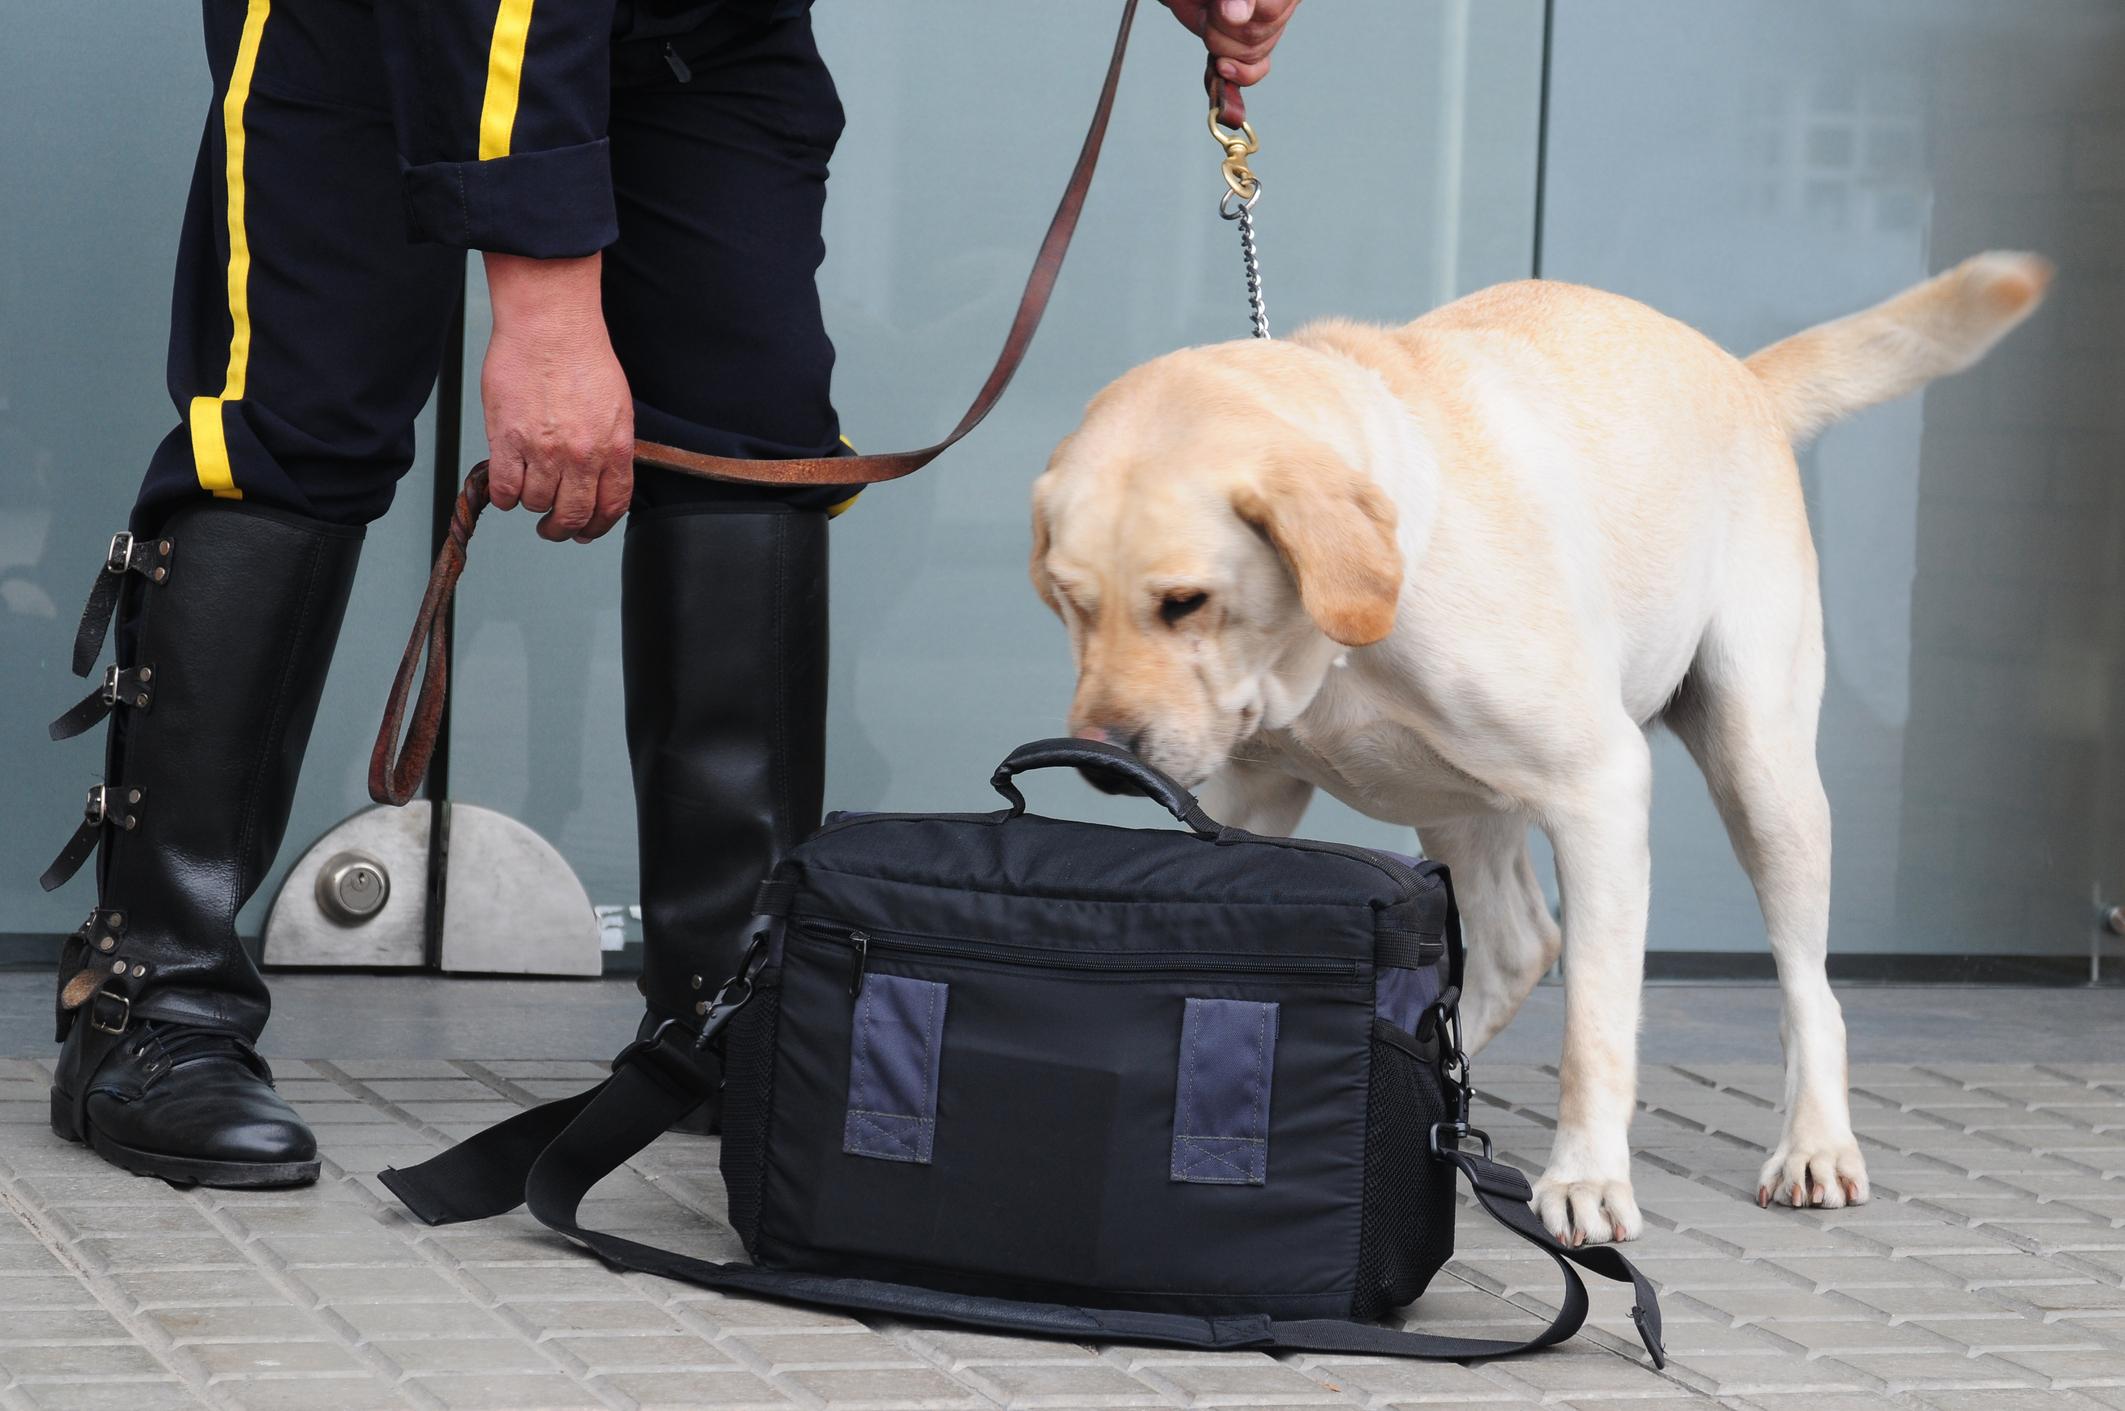 Alltid redo – samhällets arbetande hundar